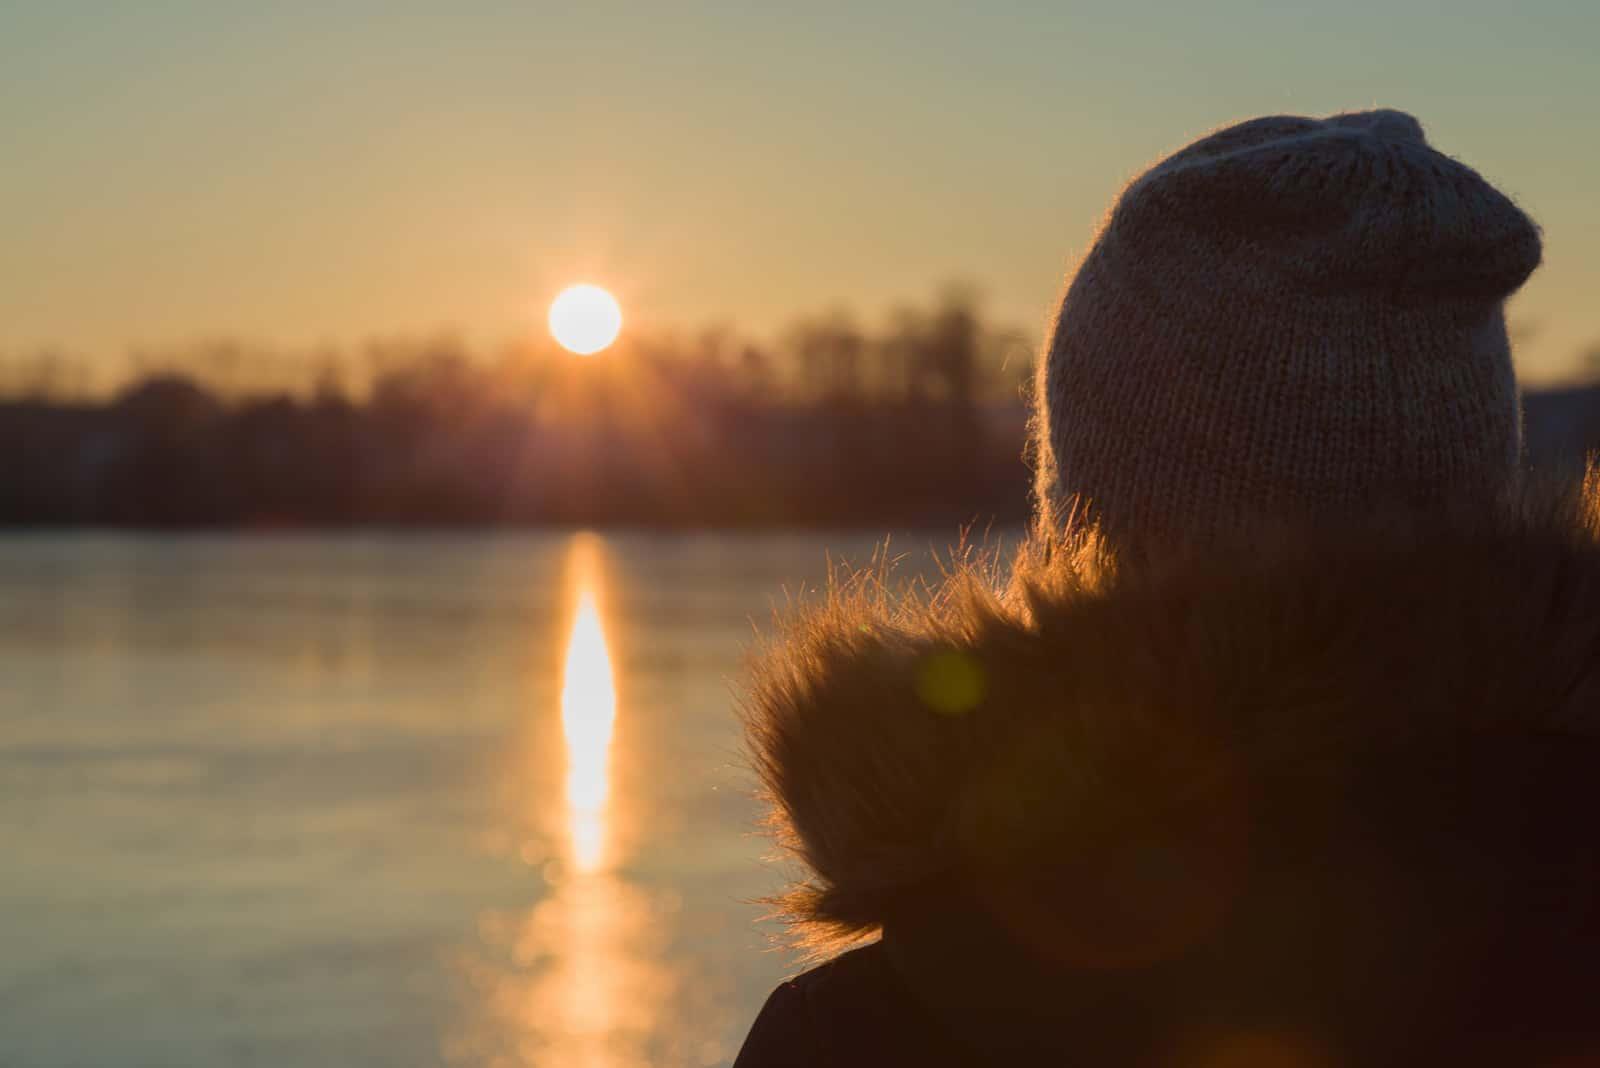 Junge erwachsene Frau, die allein steht und auf orange gelben Sonnenuntergang starrt